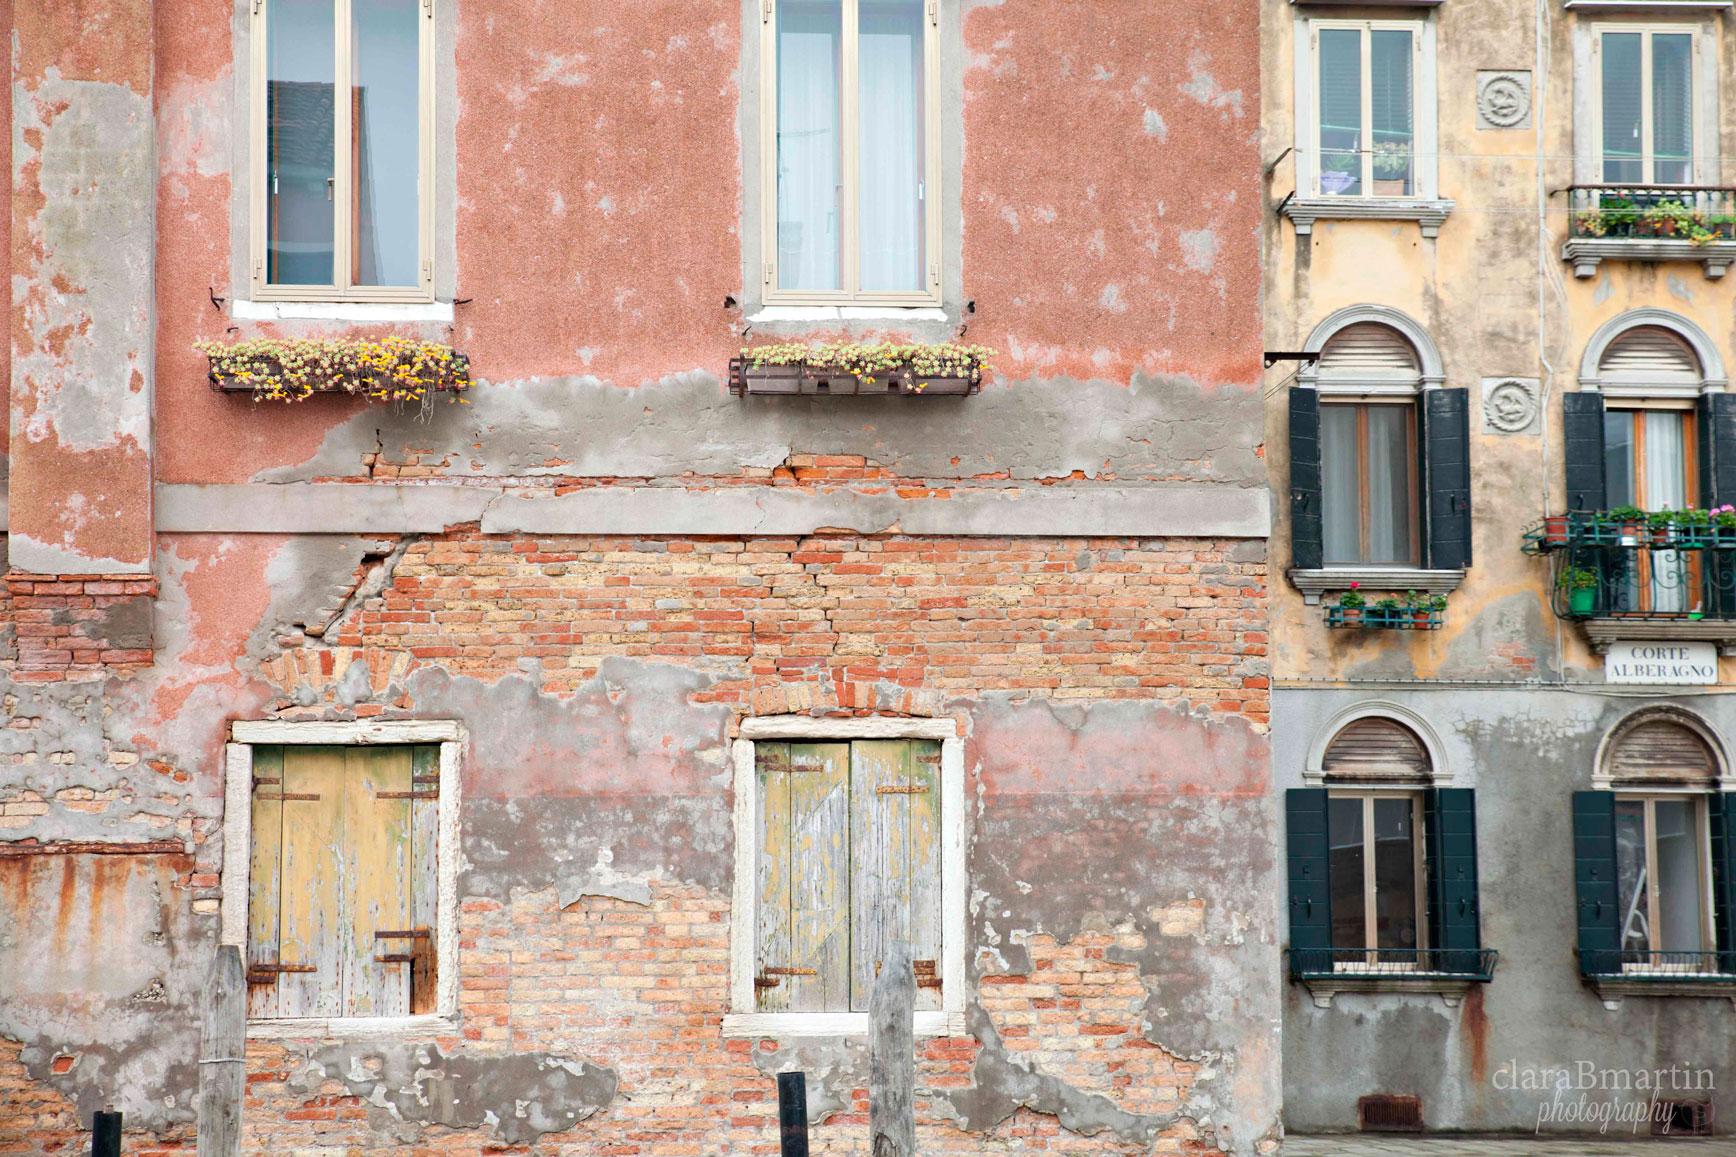 Venecia_claraBmartin_03